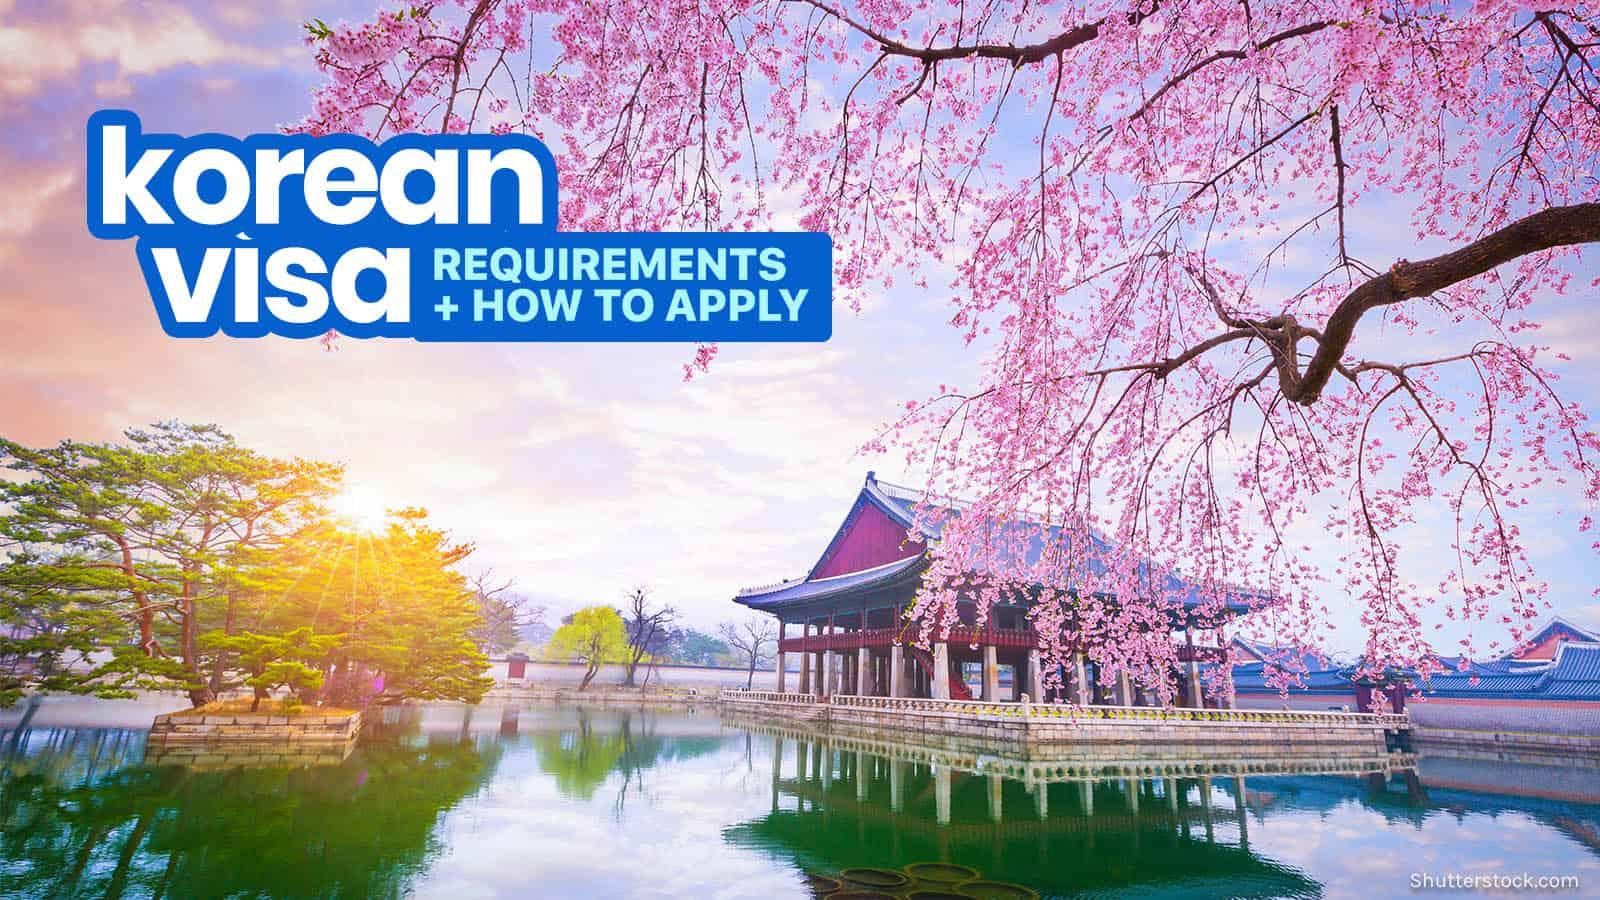 韩国签证要求和菲律宾人的申请过程 | 穷游者行程博客